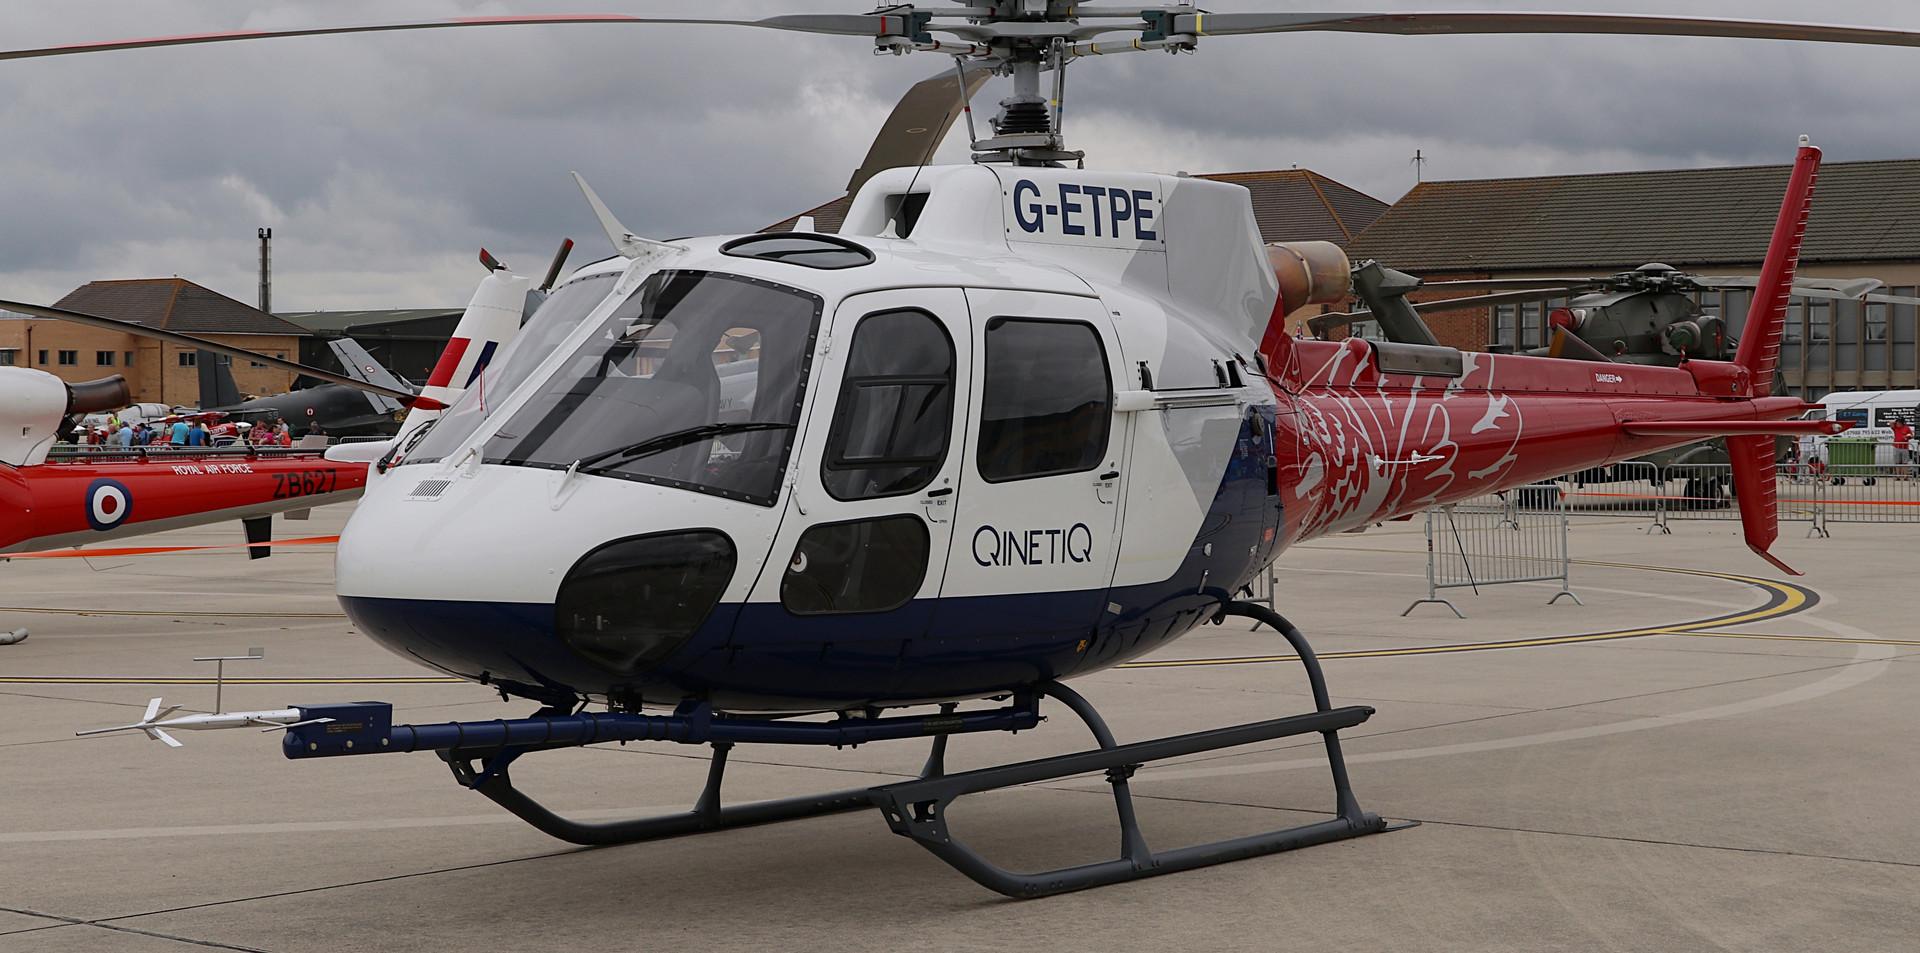 Qinetq AS355 RNIAD 2019 (84).JPG